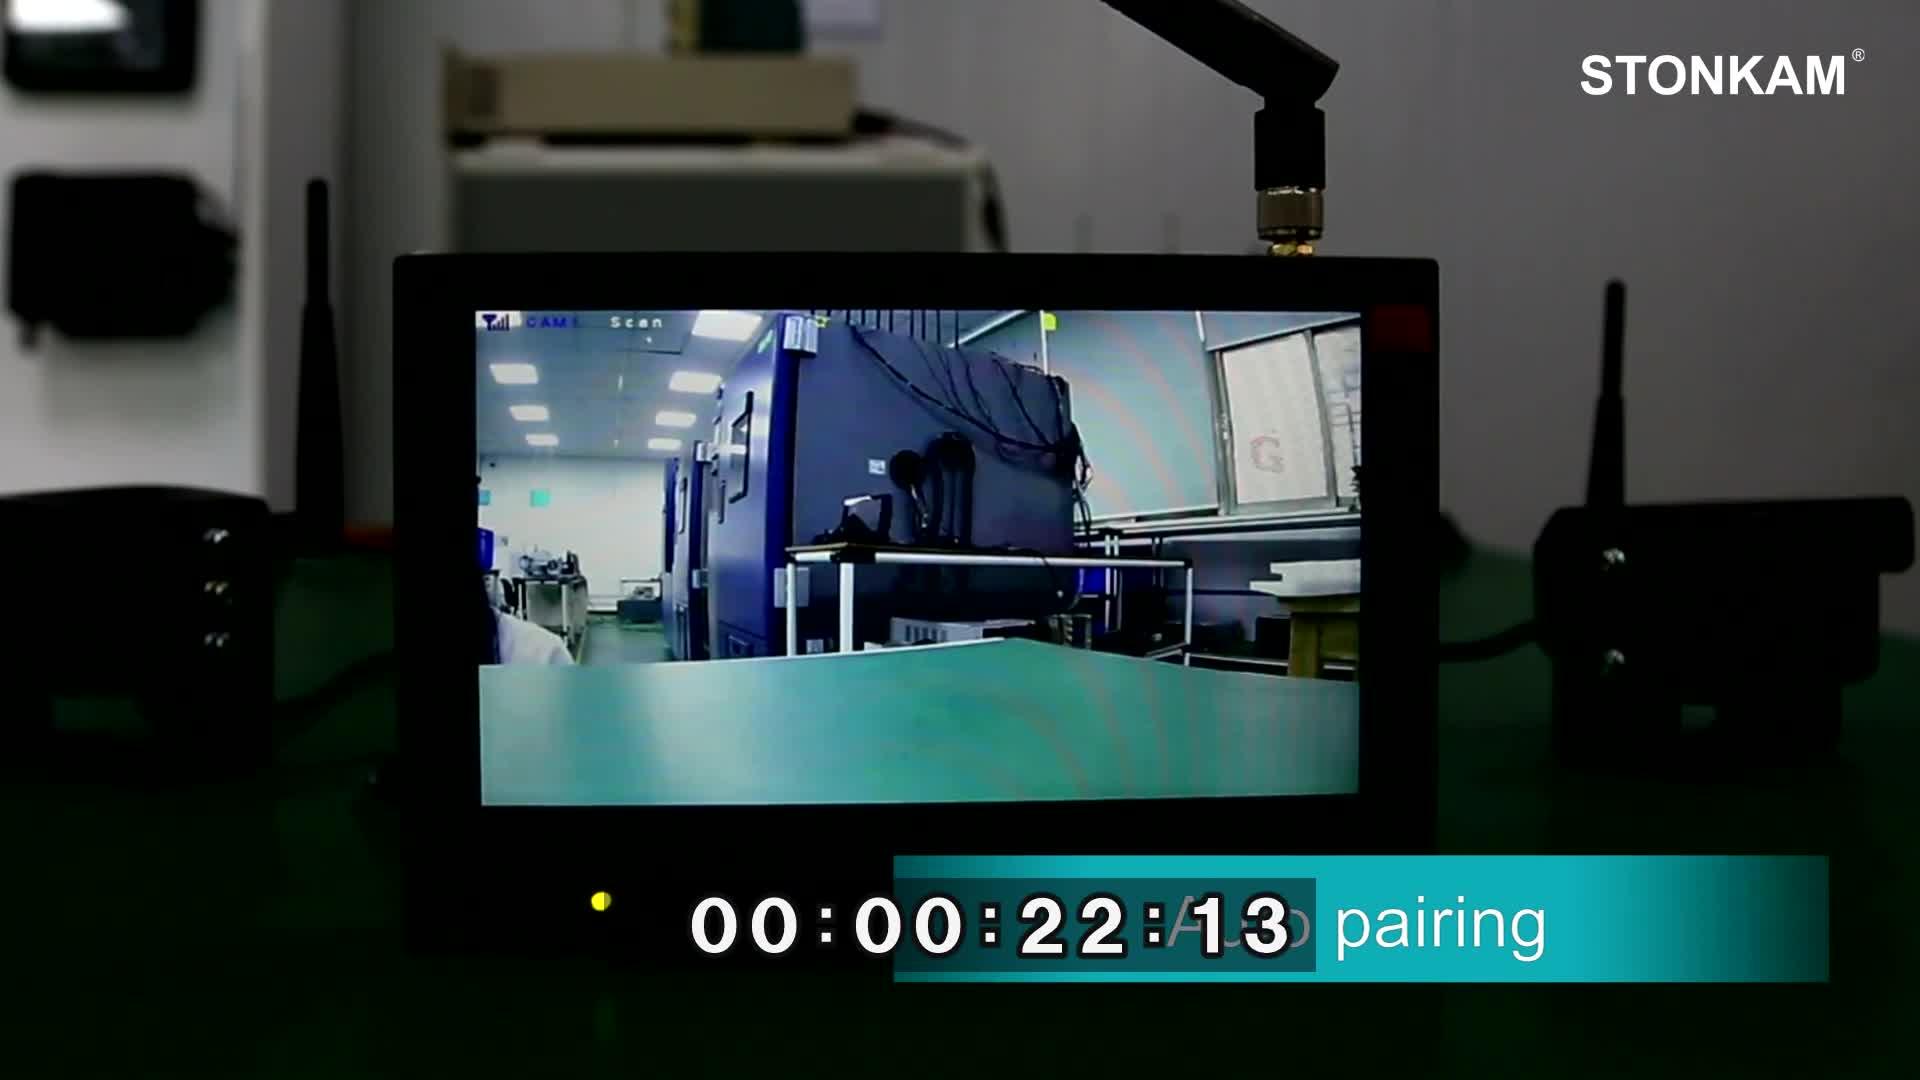 2.4 2.4ghz 720 1080P デジタルワイヤレスバックアップカメラシステム